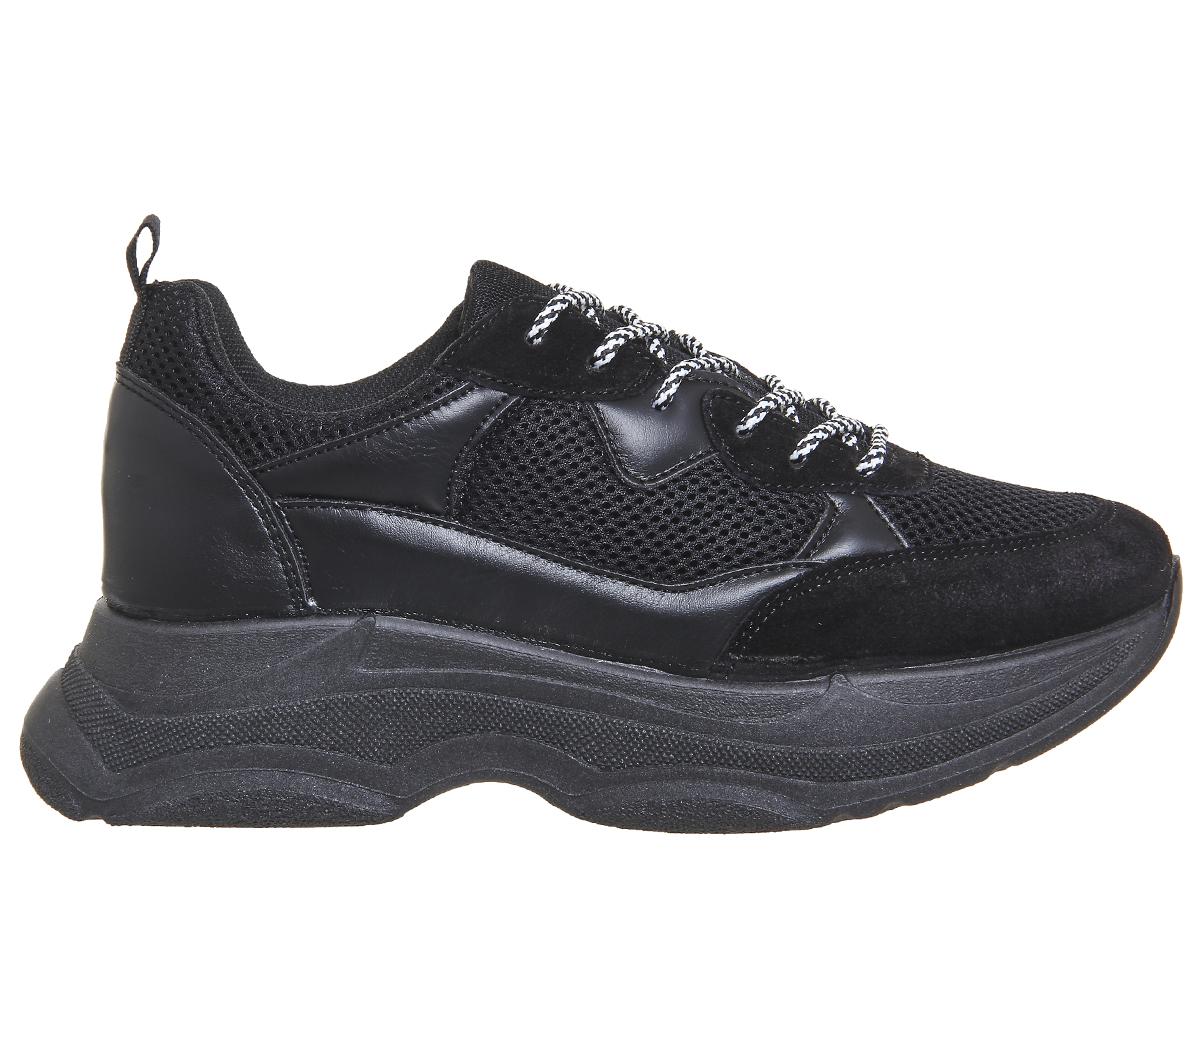 cheap for discount c67ab d3081 Para Mujer Zapatillas Con Cordones Oficina quedó Grueso Negro Material Mix  Zapatillas Zapatos 697dd9 - caminodelexito.es